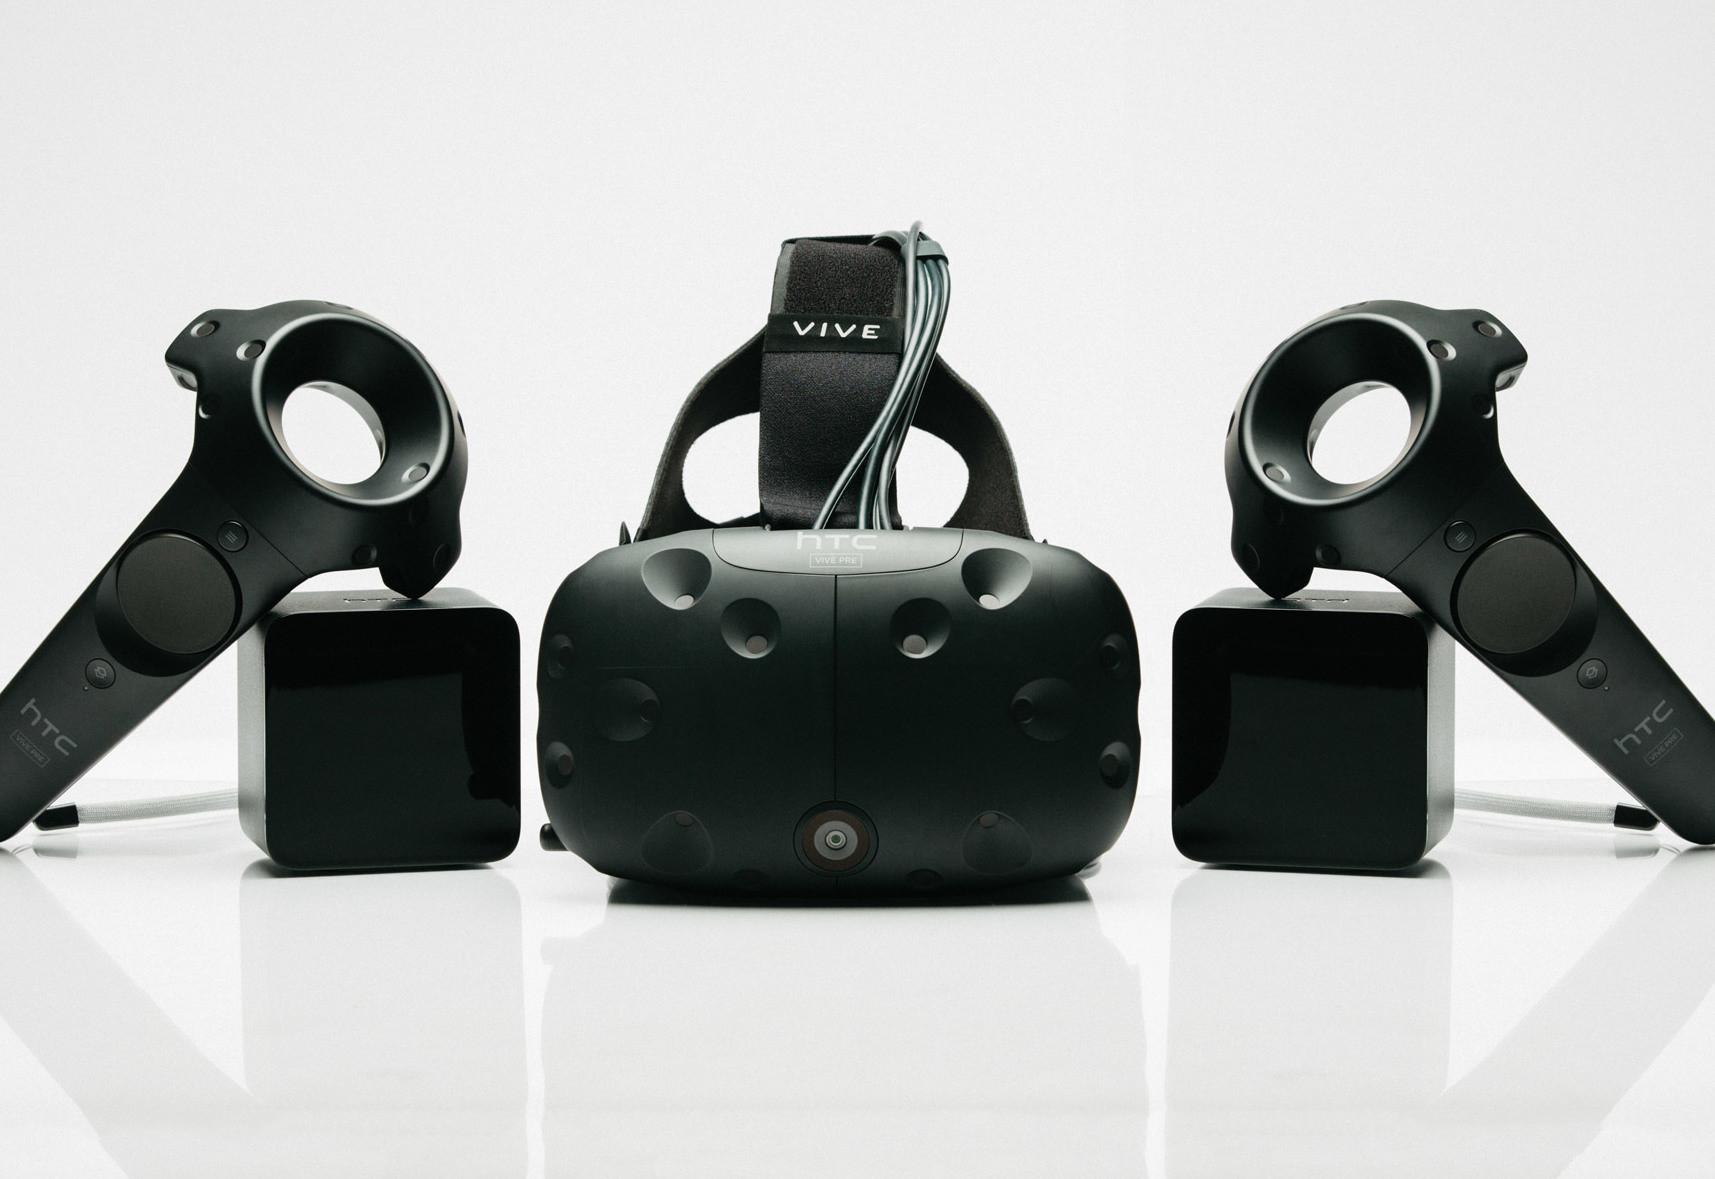 Vive VR Setup including/Computer